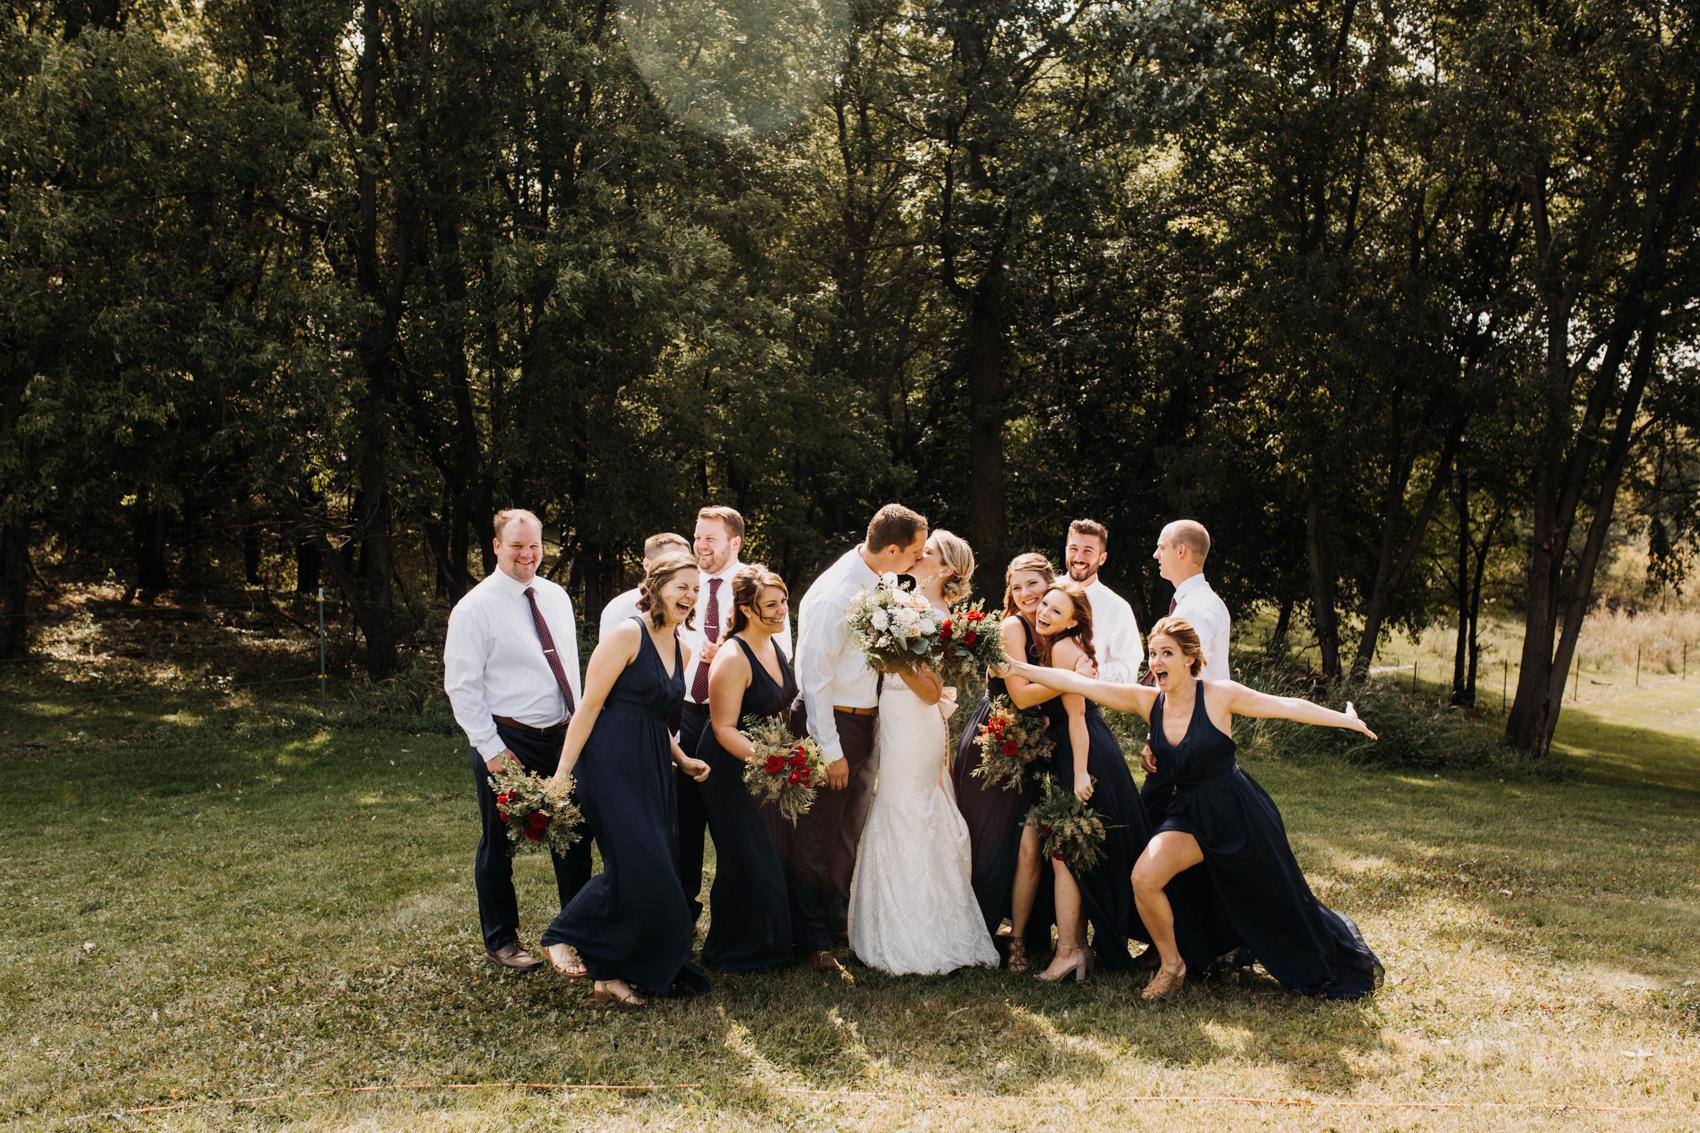 bridal-party-wedding-photos-outdoor-summer-34.jpg